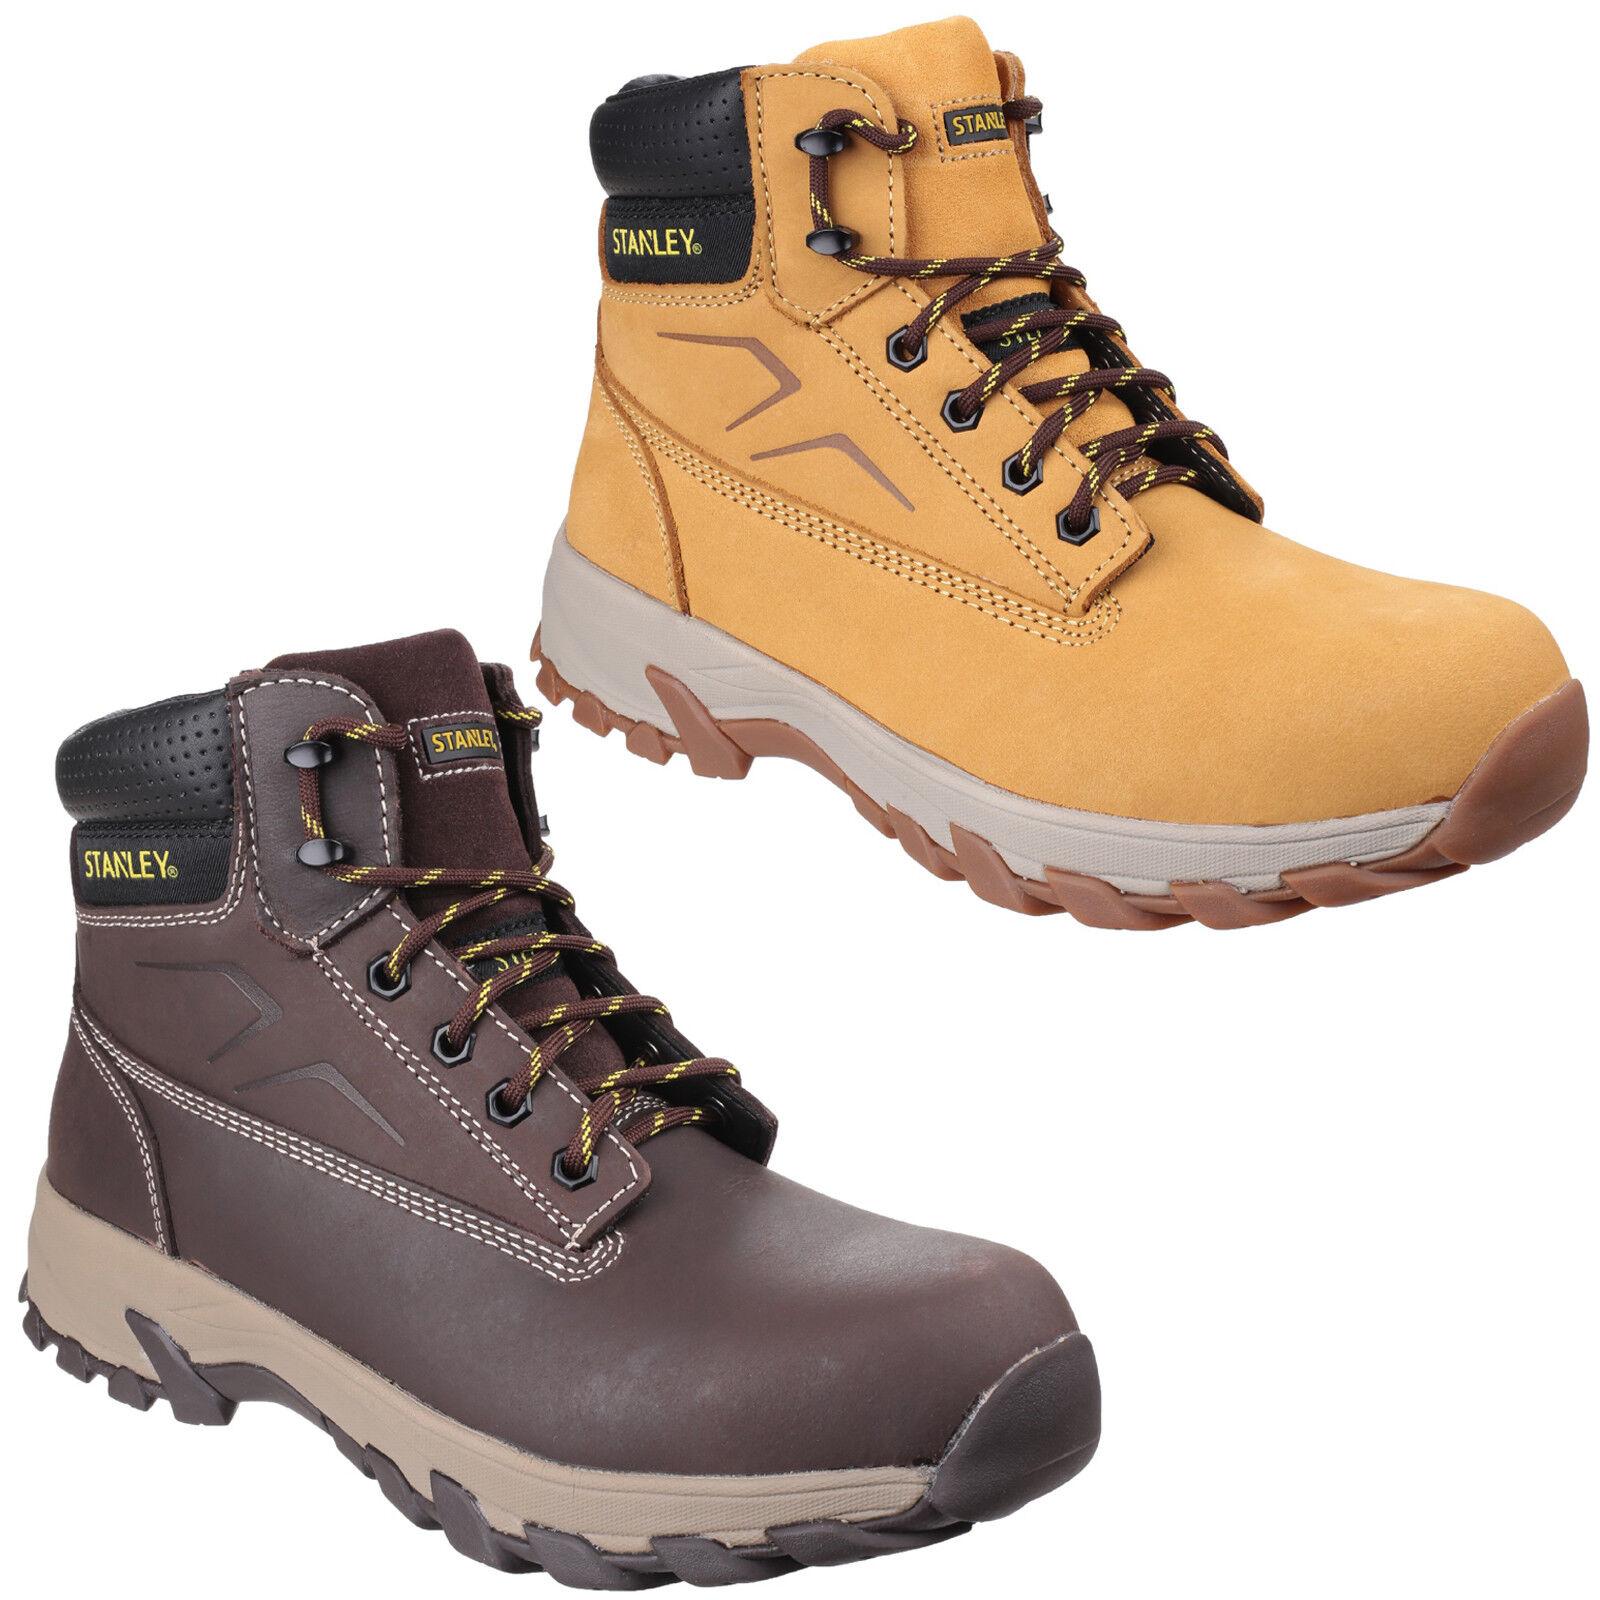 Stanley Tradesman sicurezza punta in pelle da UK7-12 Escursionismo Scarpe Da Uomo UK7-12 da 433756